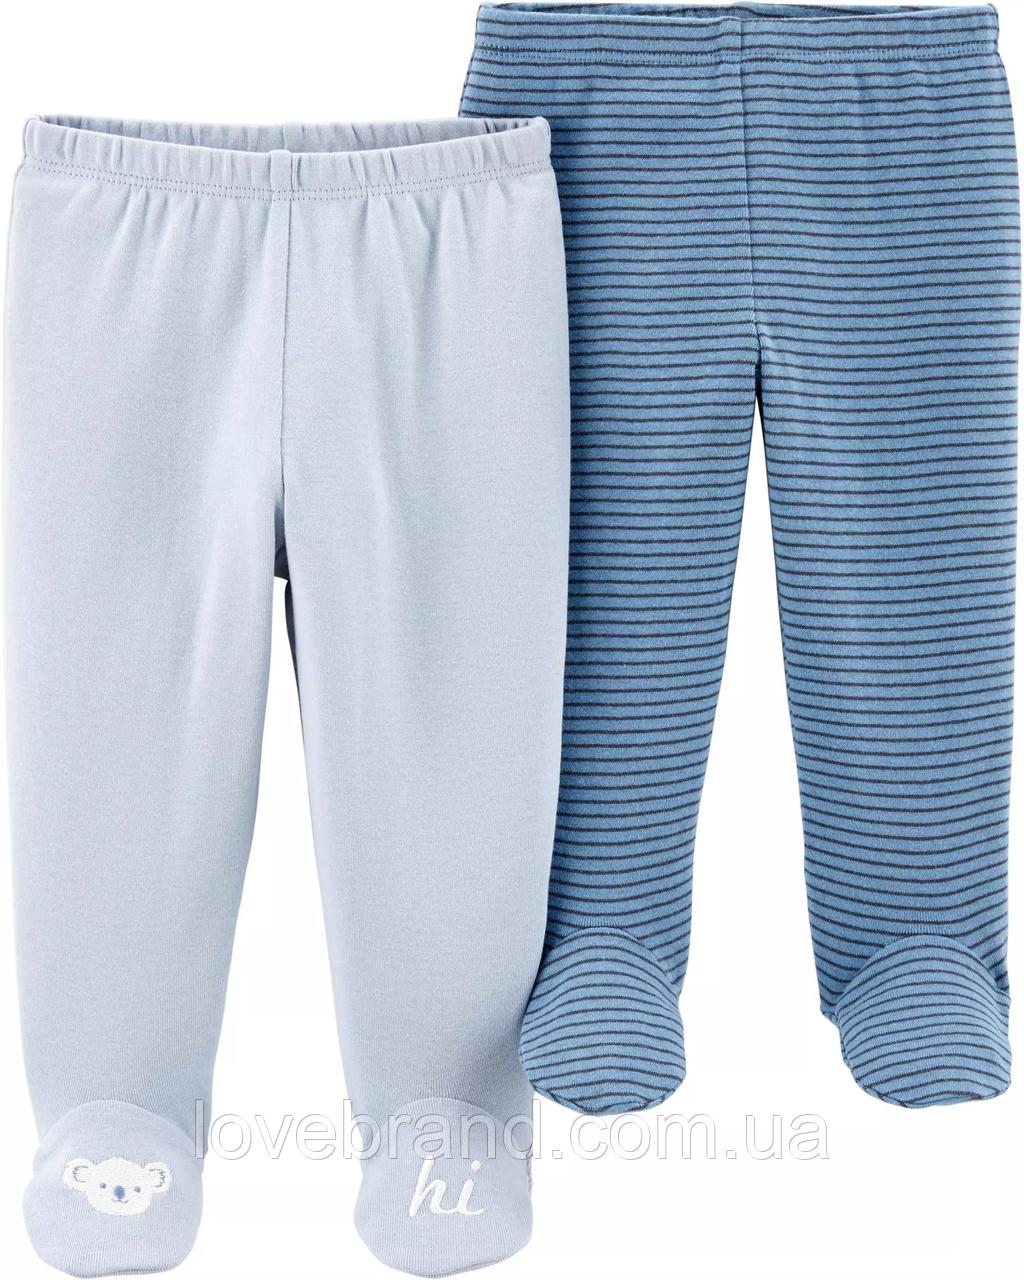 Хлопковые ползунки для мальчика синего цвета от фирмы Carter's 6 мес/61-67 см